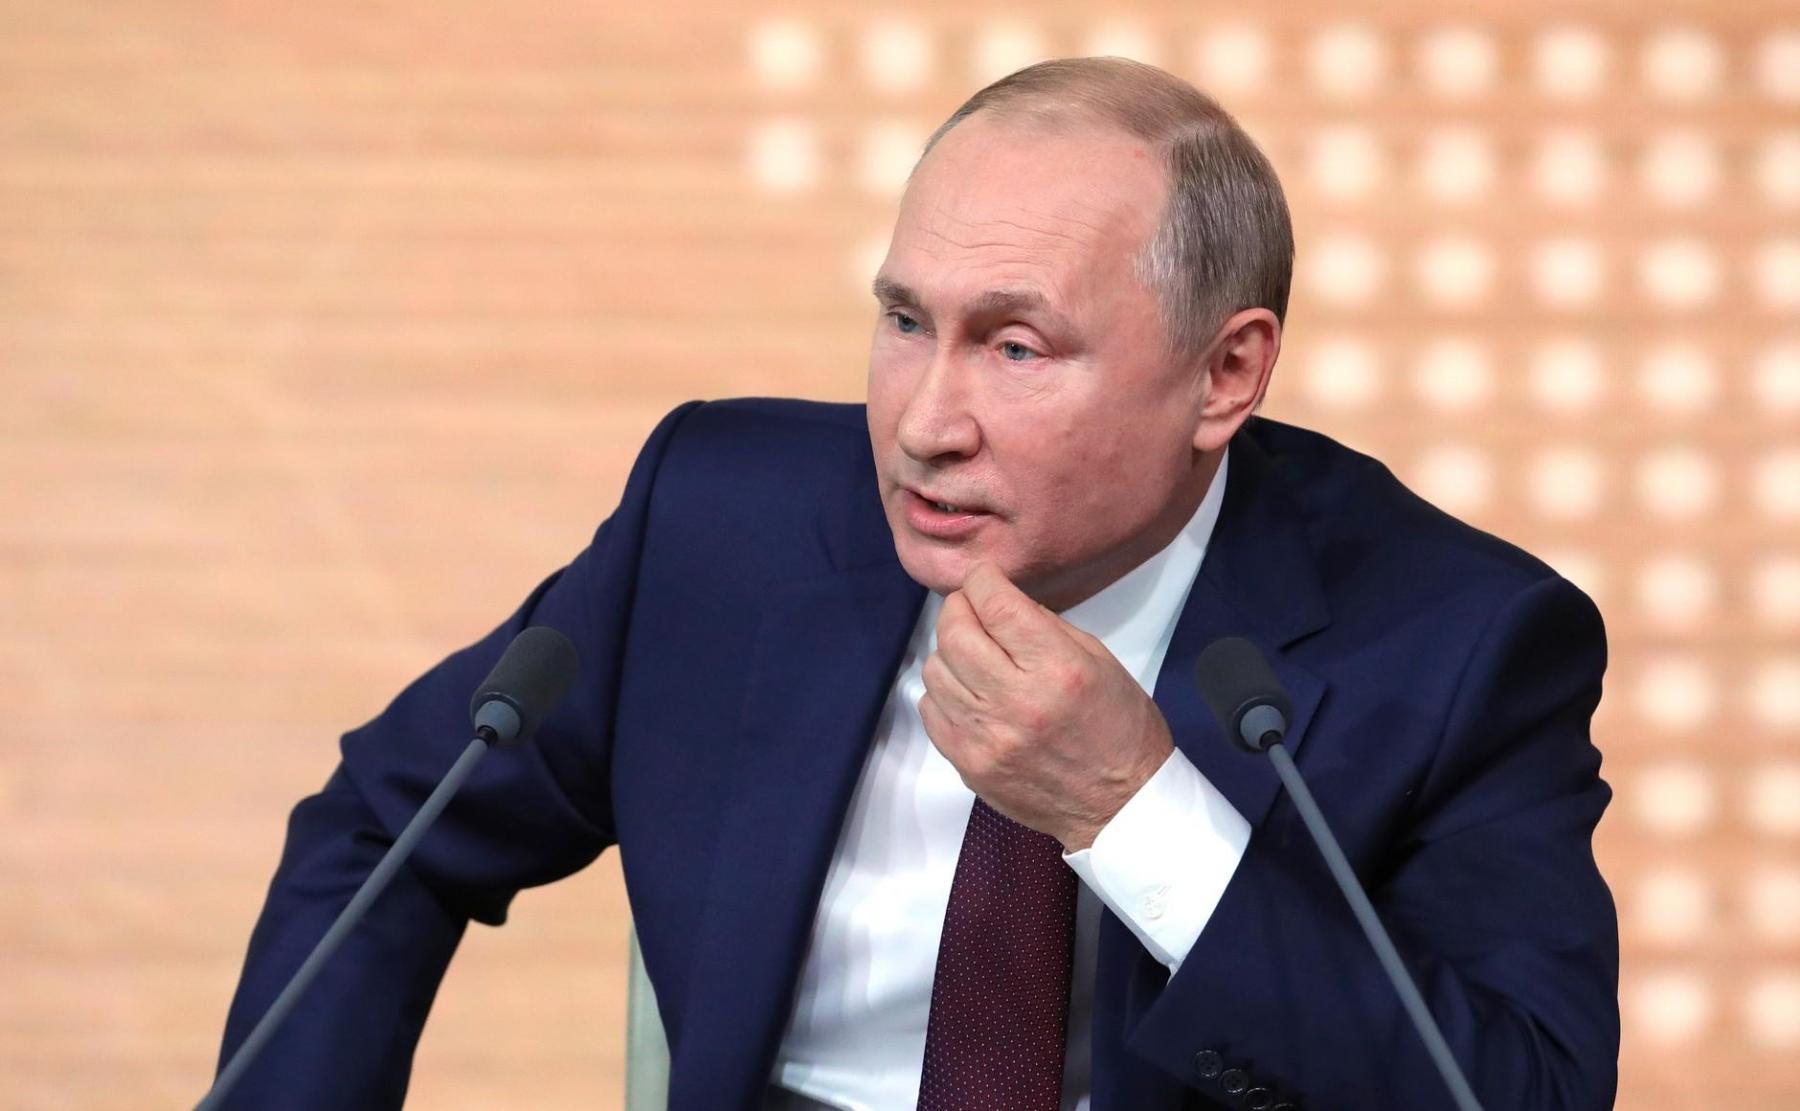 фото Коррупционный скандал в дорожной отрасли, награда от Путина и труп мужчины в центре Бердска: главные новости 30 марта 2021 года – в одном материале 2